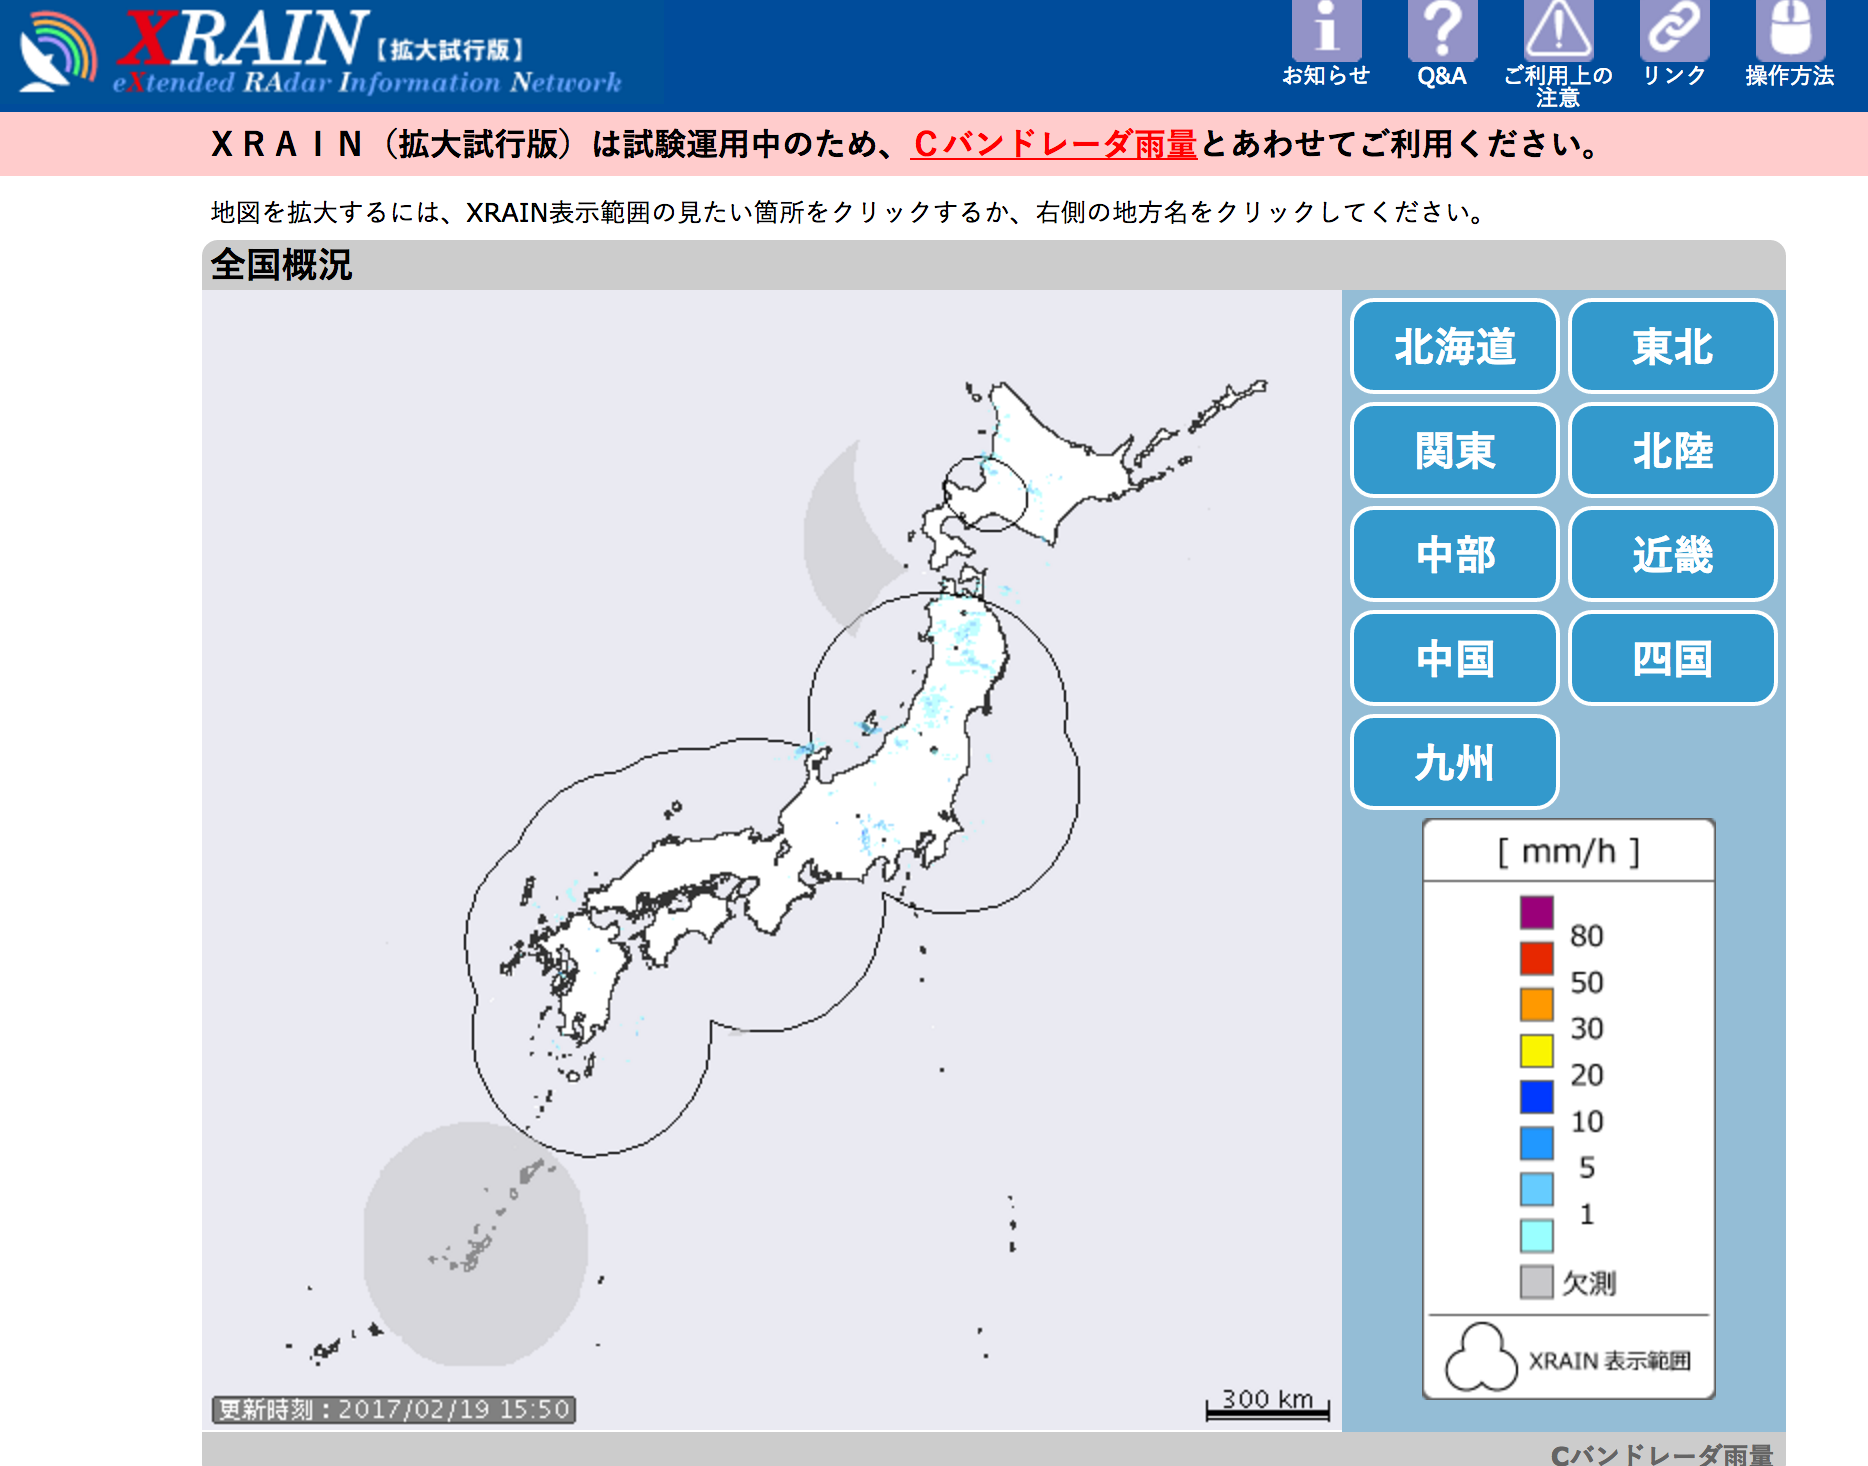 [無料]日本中の雨量がリアルタイムで把握できる無料ツール